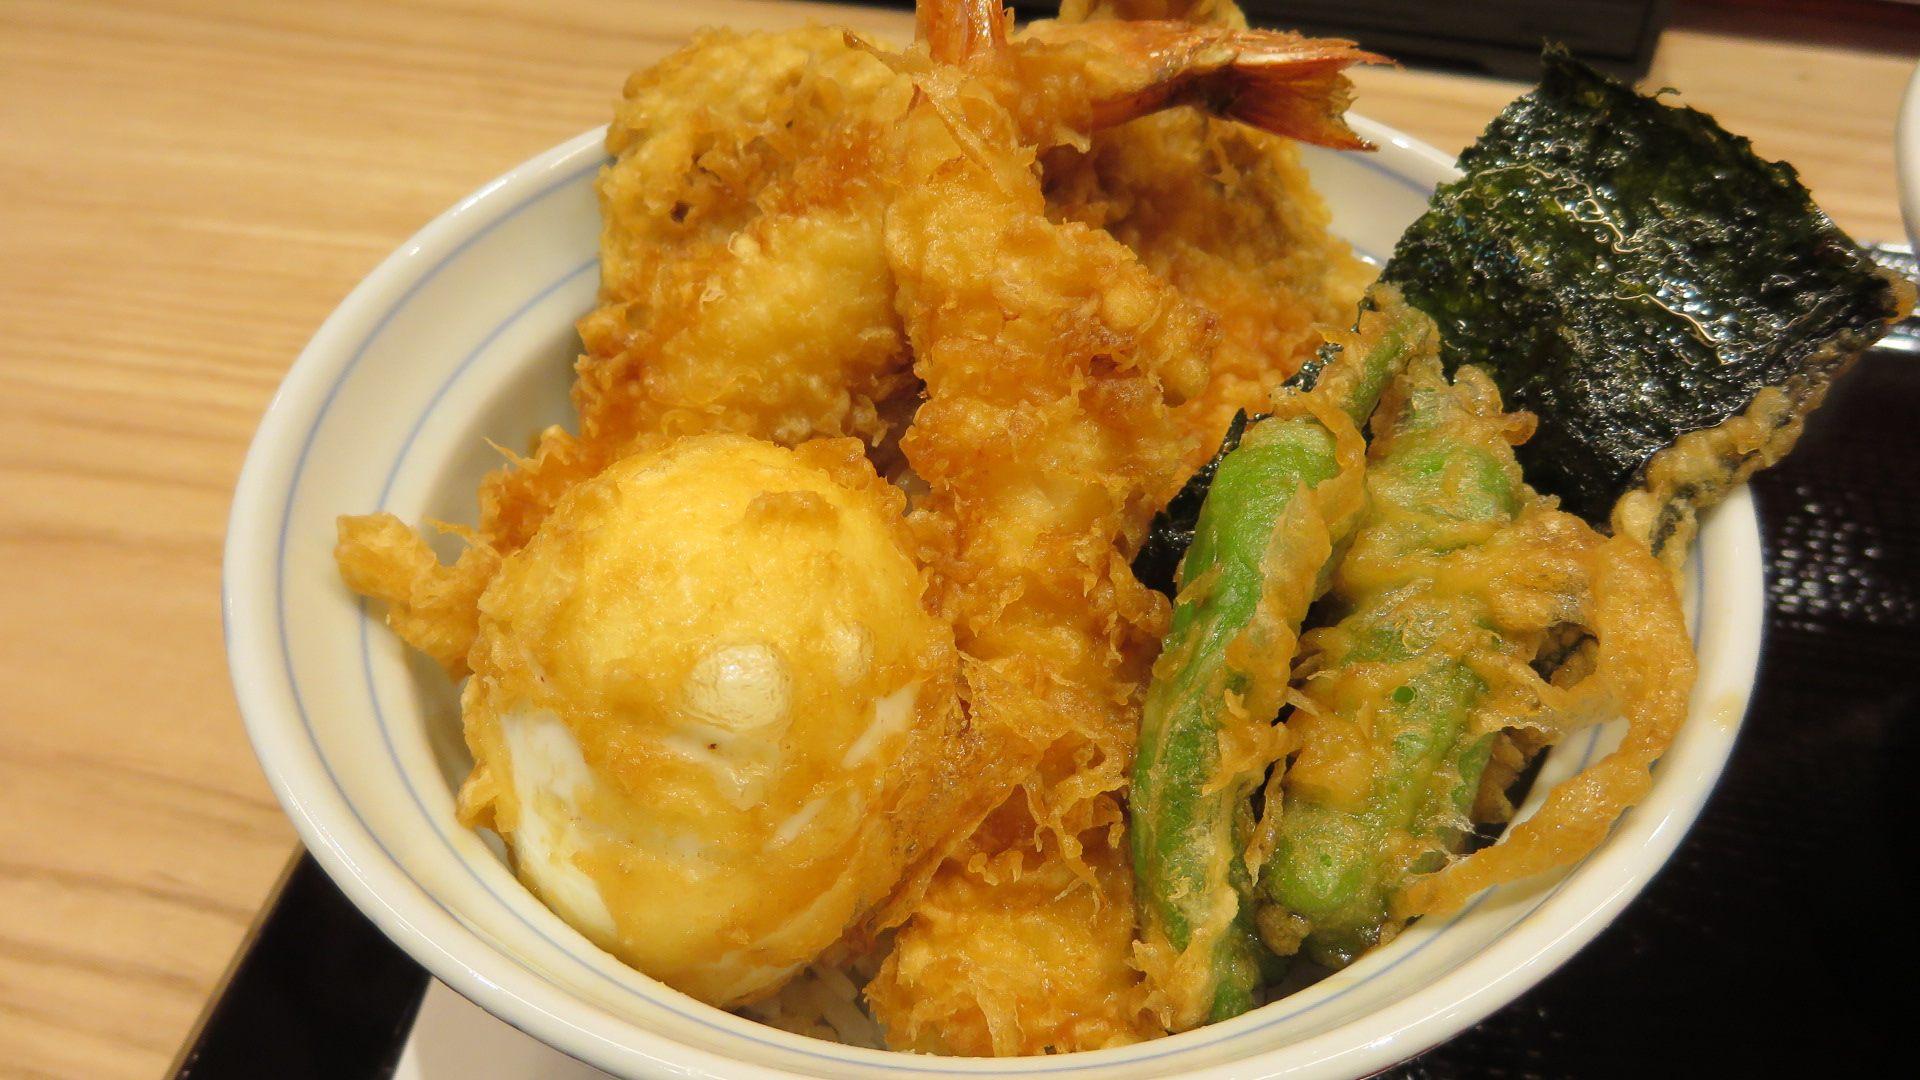 天丼(大虾2只、蔬菜2品、鱼介类炸物1品、炸半熟鸡蛋1个)